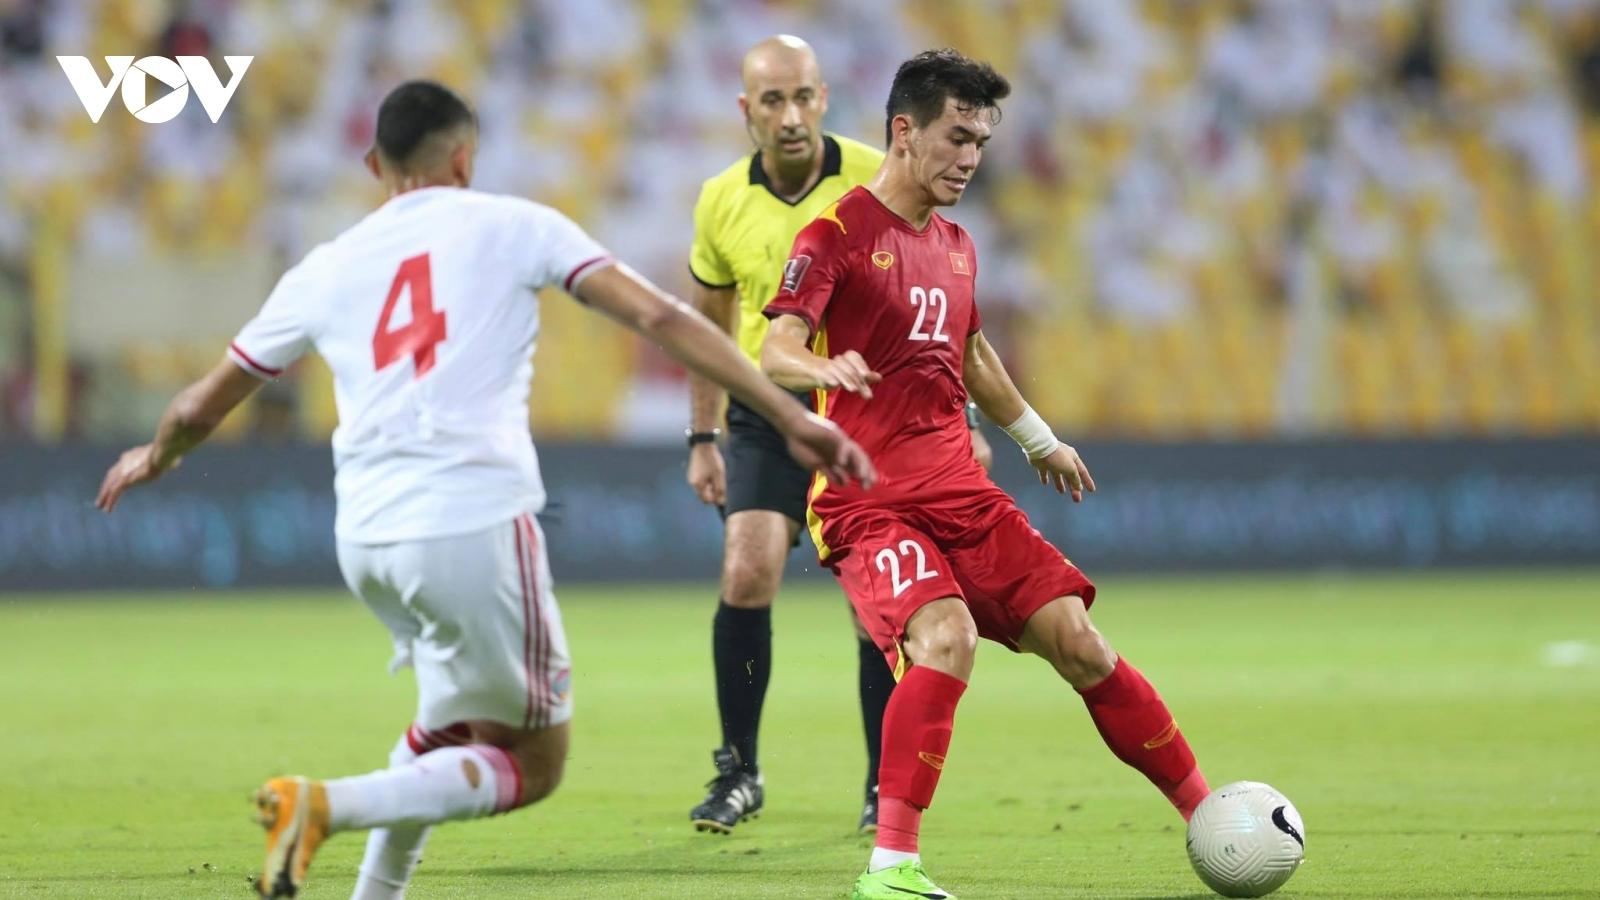 Toàn cảnh màn rượt đuổi tỷ số giữa ĐT Việt Nam và UAE trên sân Zabeel